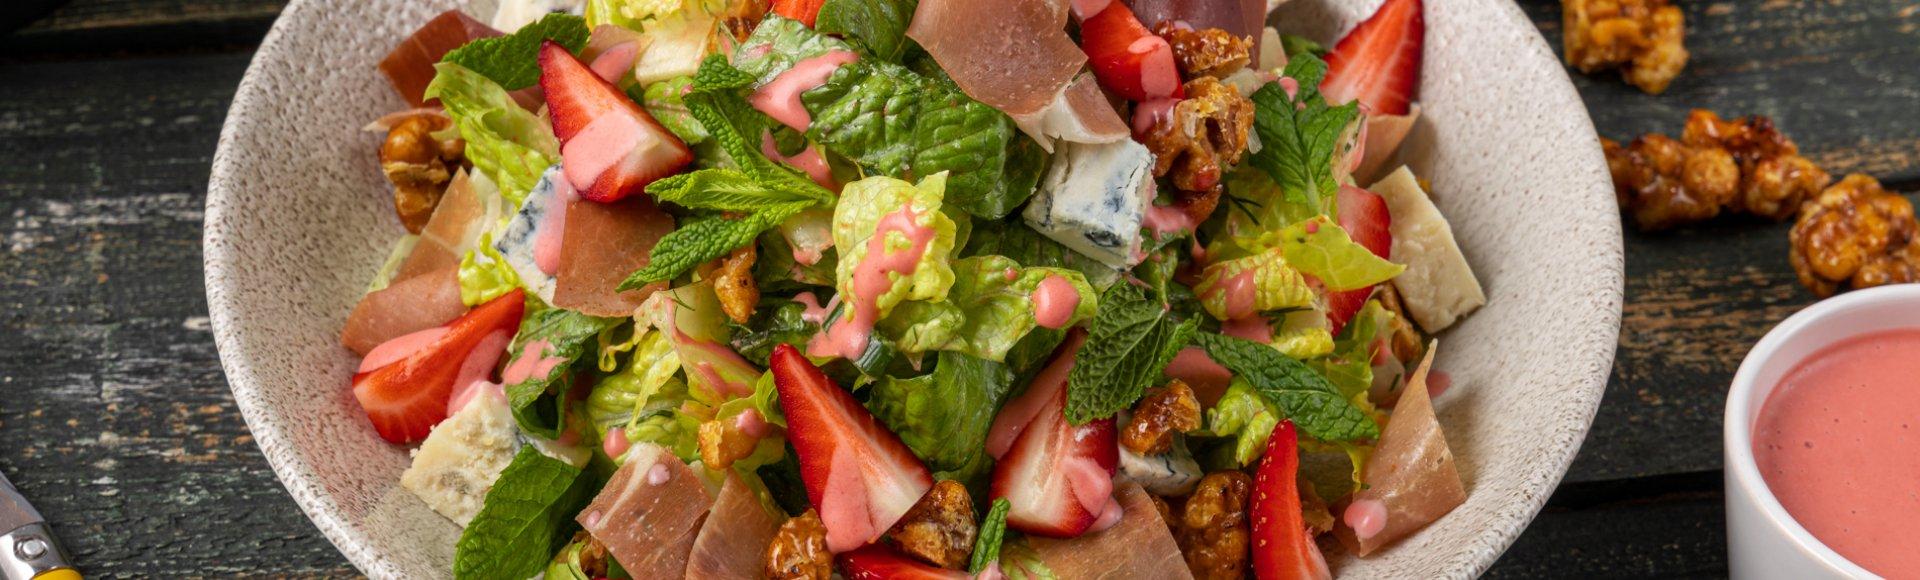 Σαλάτα Φρεσκούλης παραδοσιακή, με φράουλες, γκοργκοντζόλα και προσούτο